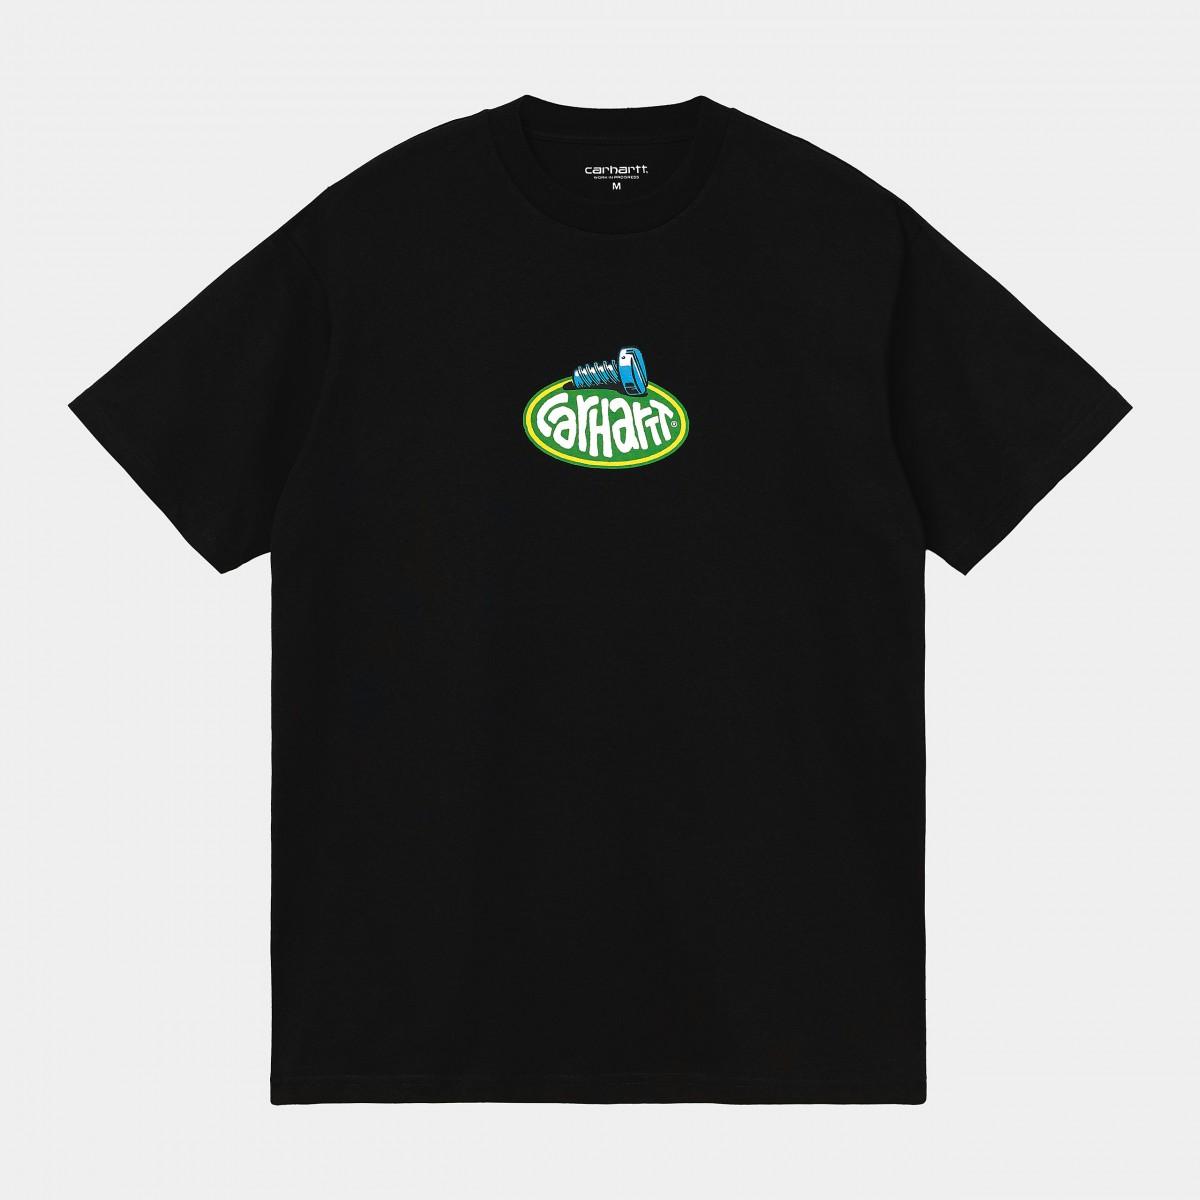 Carhartt WIP - T-Shirt noir homme